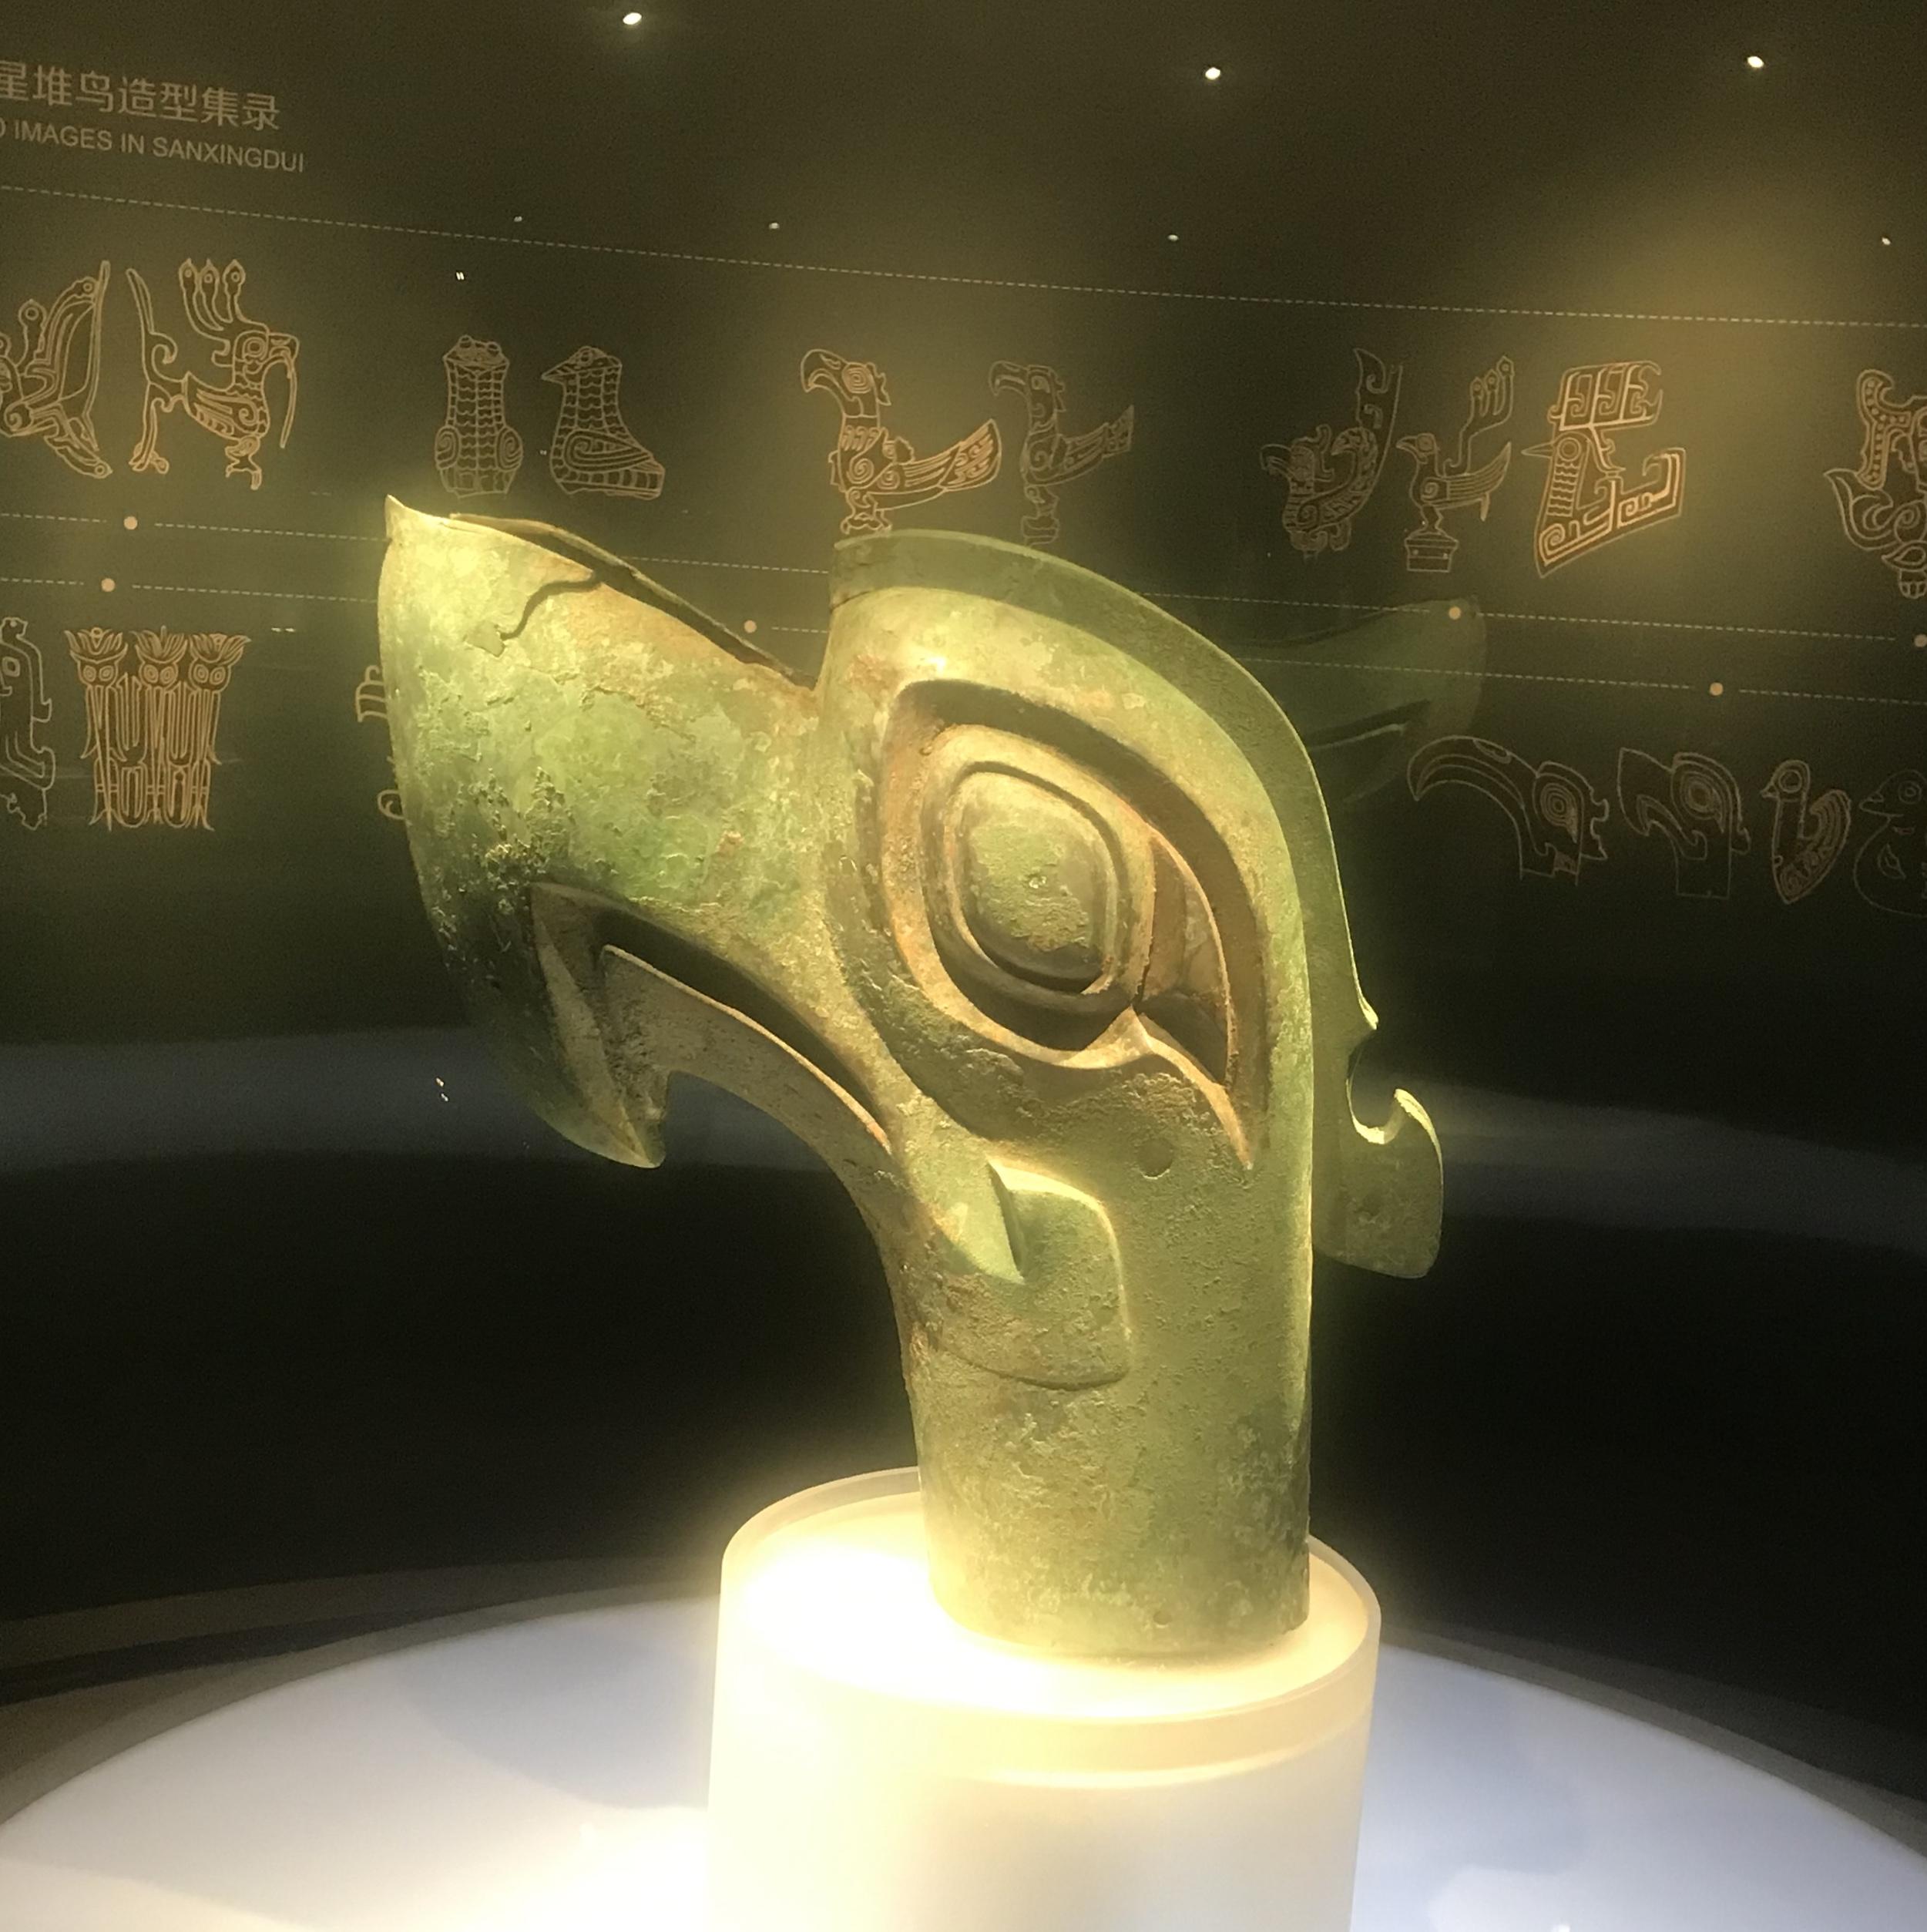 青銅大鳥頭-青銅器館-三星堆博物館-広漢市-徳陽市-四川省